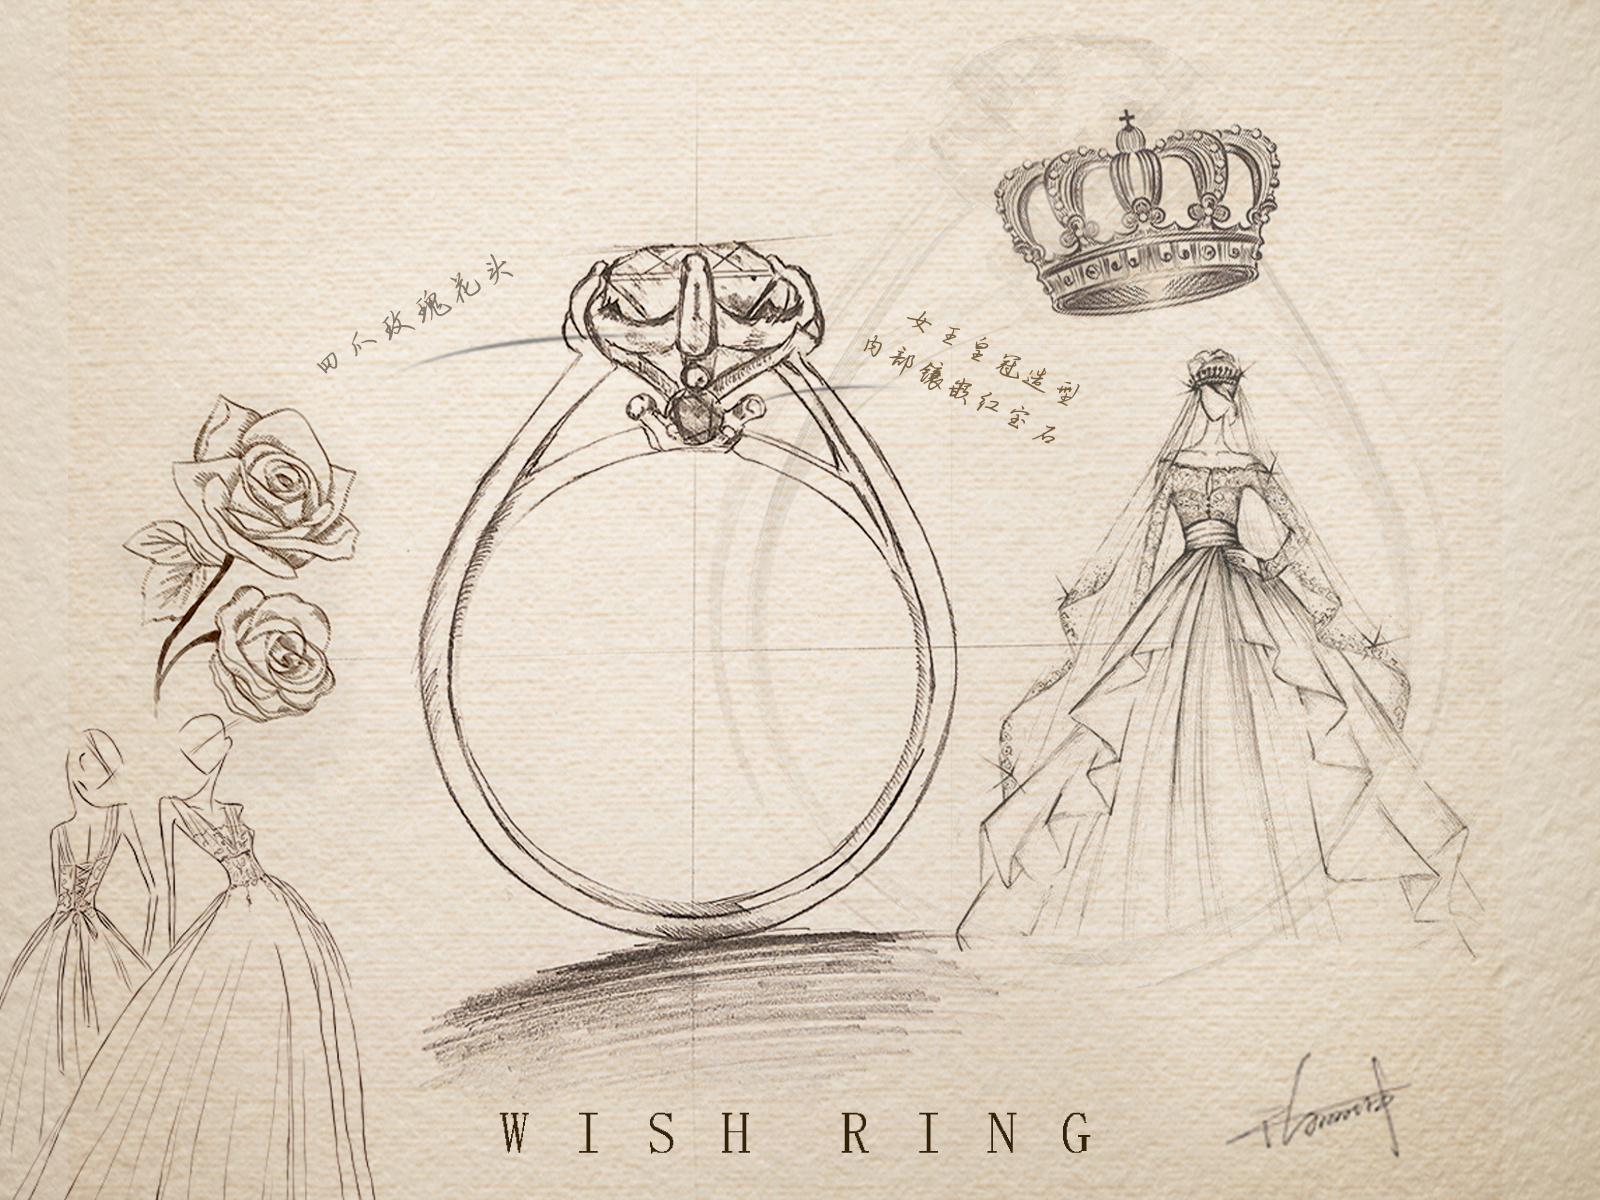 结婚钻石戒指设计手绘稿|平面|品牌|wishring许愿